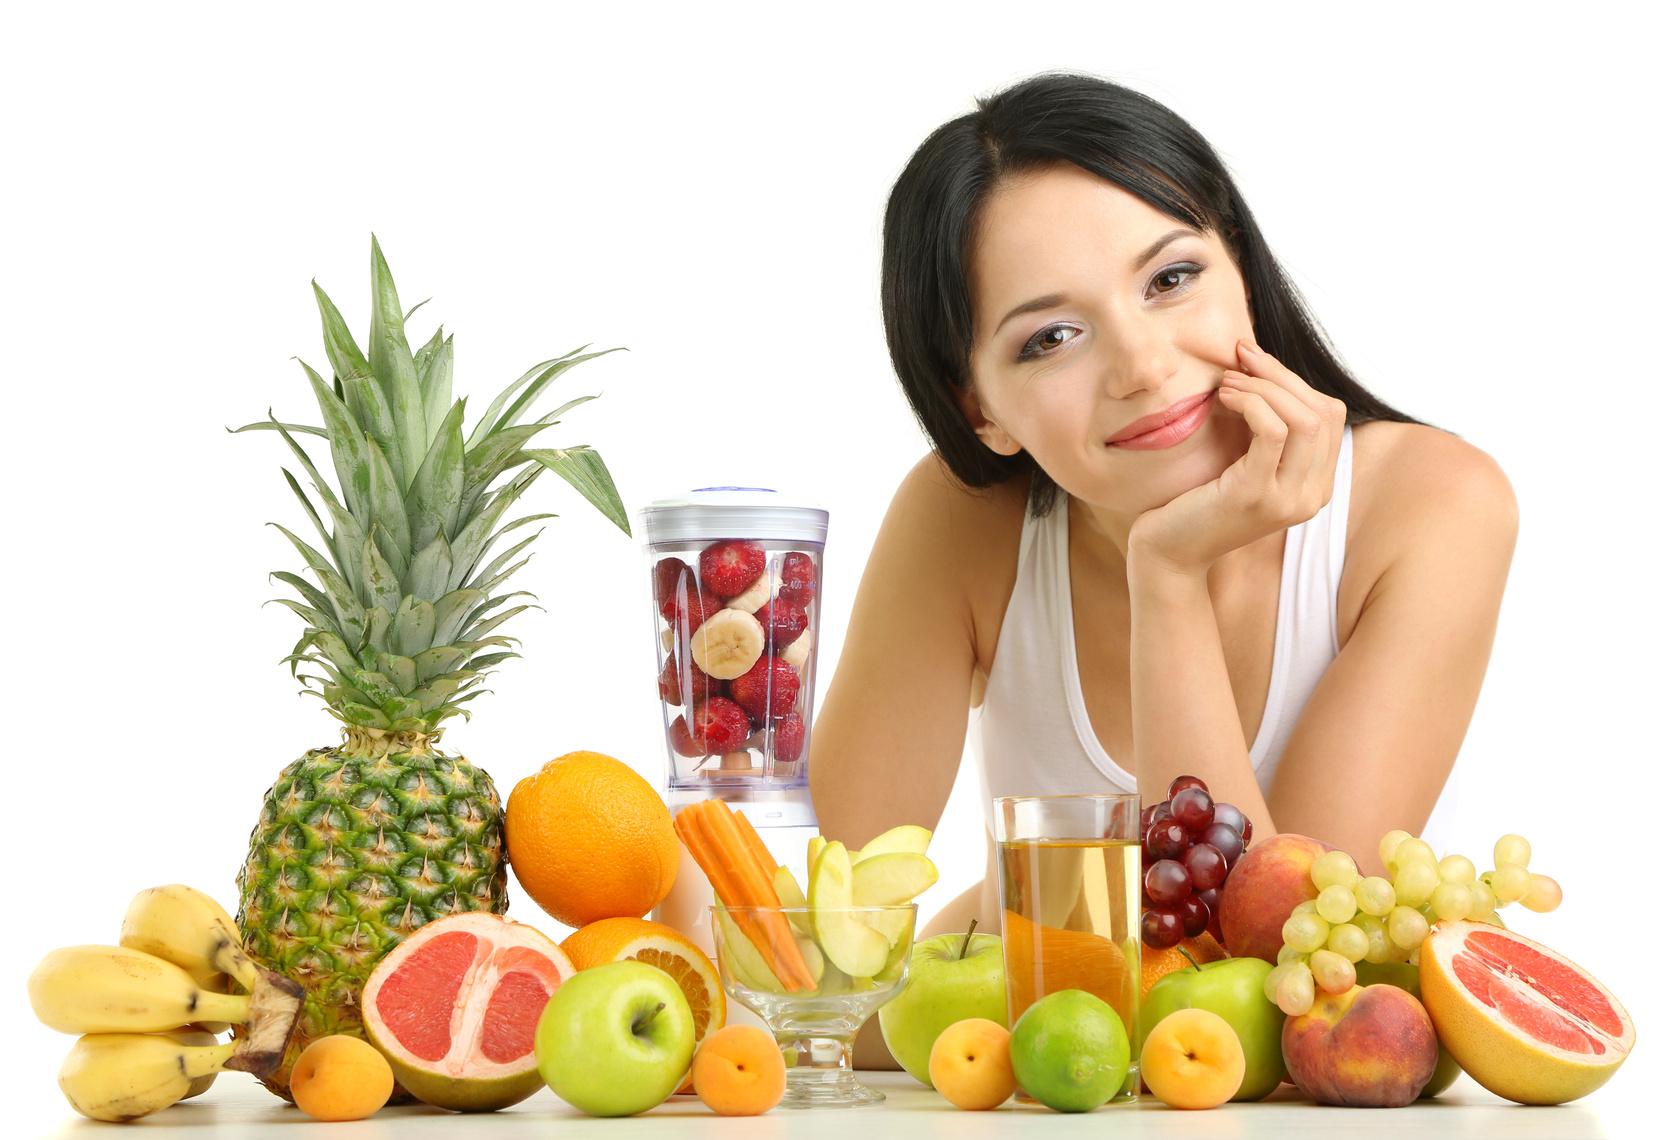 Диета Для Похудения Лицом. 10 правил, чтобы похудеть в лице и появились скулы